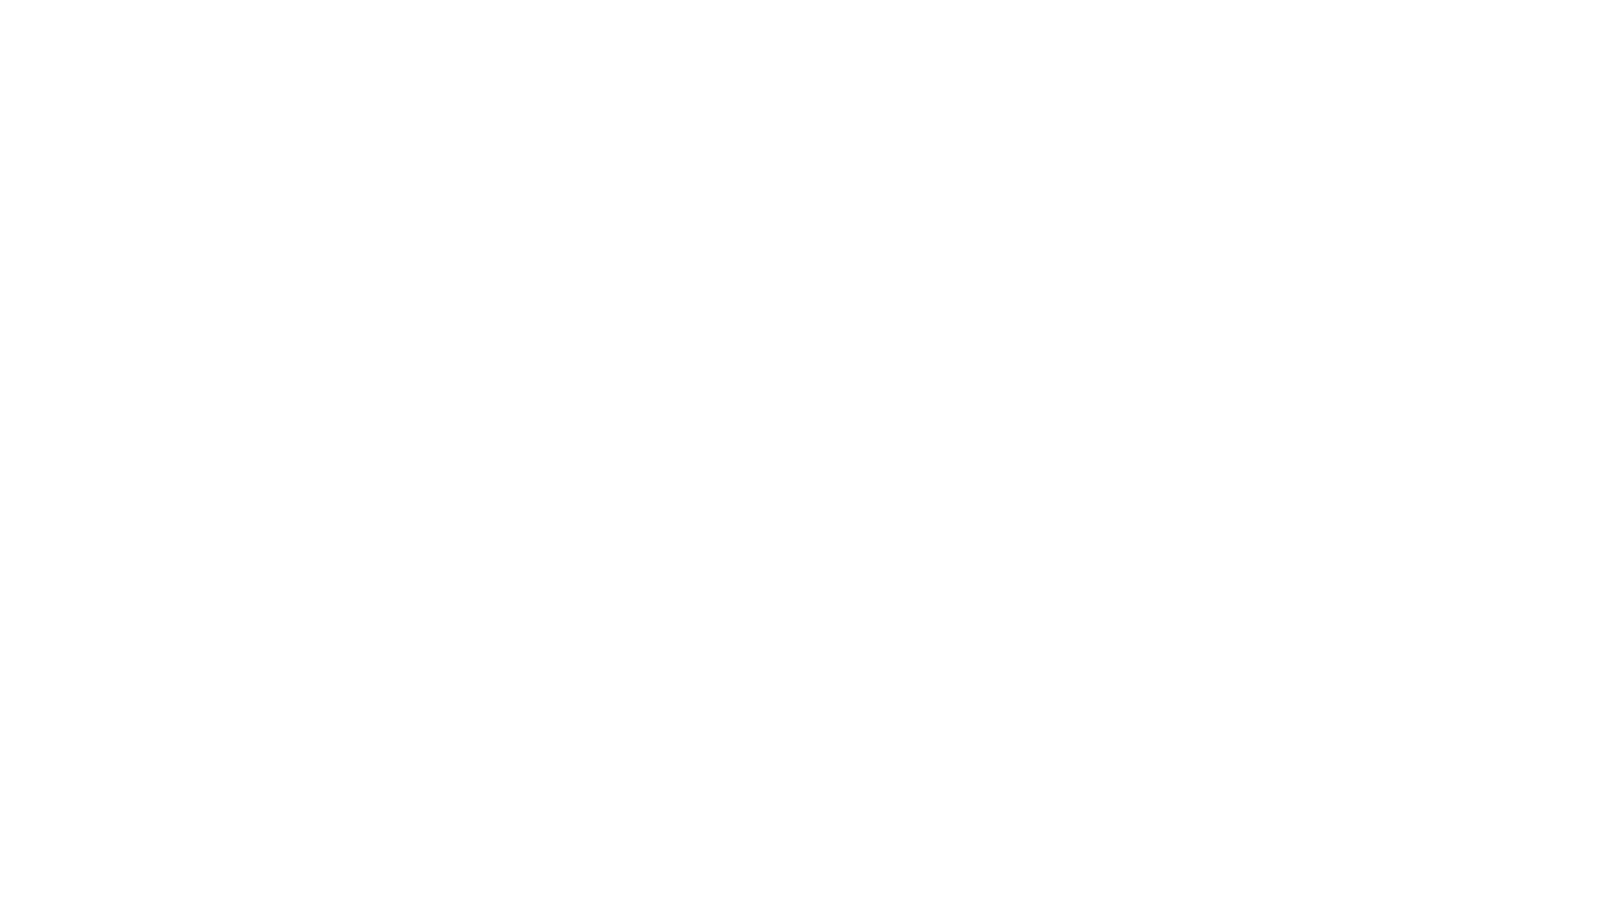 """Schloss Friedrichfelde im Tierpark Berlin öffnet seine Pforten mit neuer Ausstellung   Nachdem das Schloss Friedrichsfelde coronabedingt seit Herbst 2020 geschlossen bleiben musste, eröffnet es ab 10. September 2021 nun wieder seine Pforten für Besucher*innen – mit einem neuen Highlight. Im """"Geschichtszimmer"""" des Ostflügels führt eine neue Ausstellung die Gäste nicht nur durch die bewegte, fast 400-jährige Historie des Schlosses, sondern gibt auch spannende Einblicke in die Geschichte Berlins."""